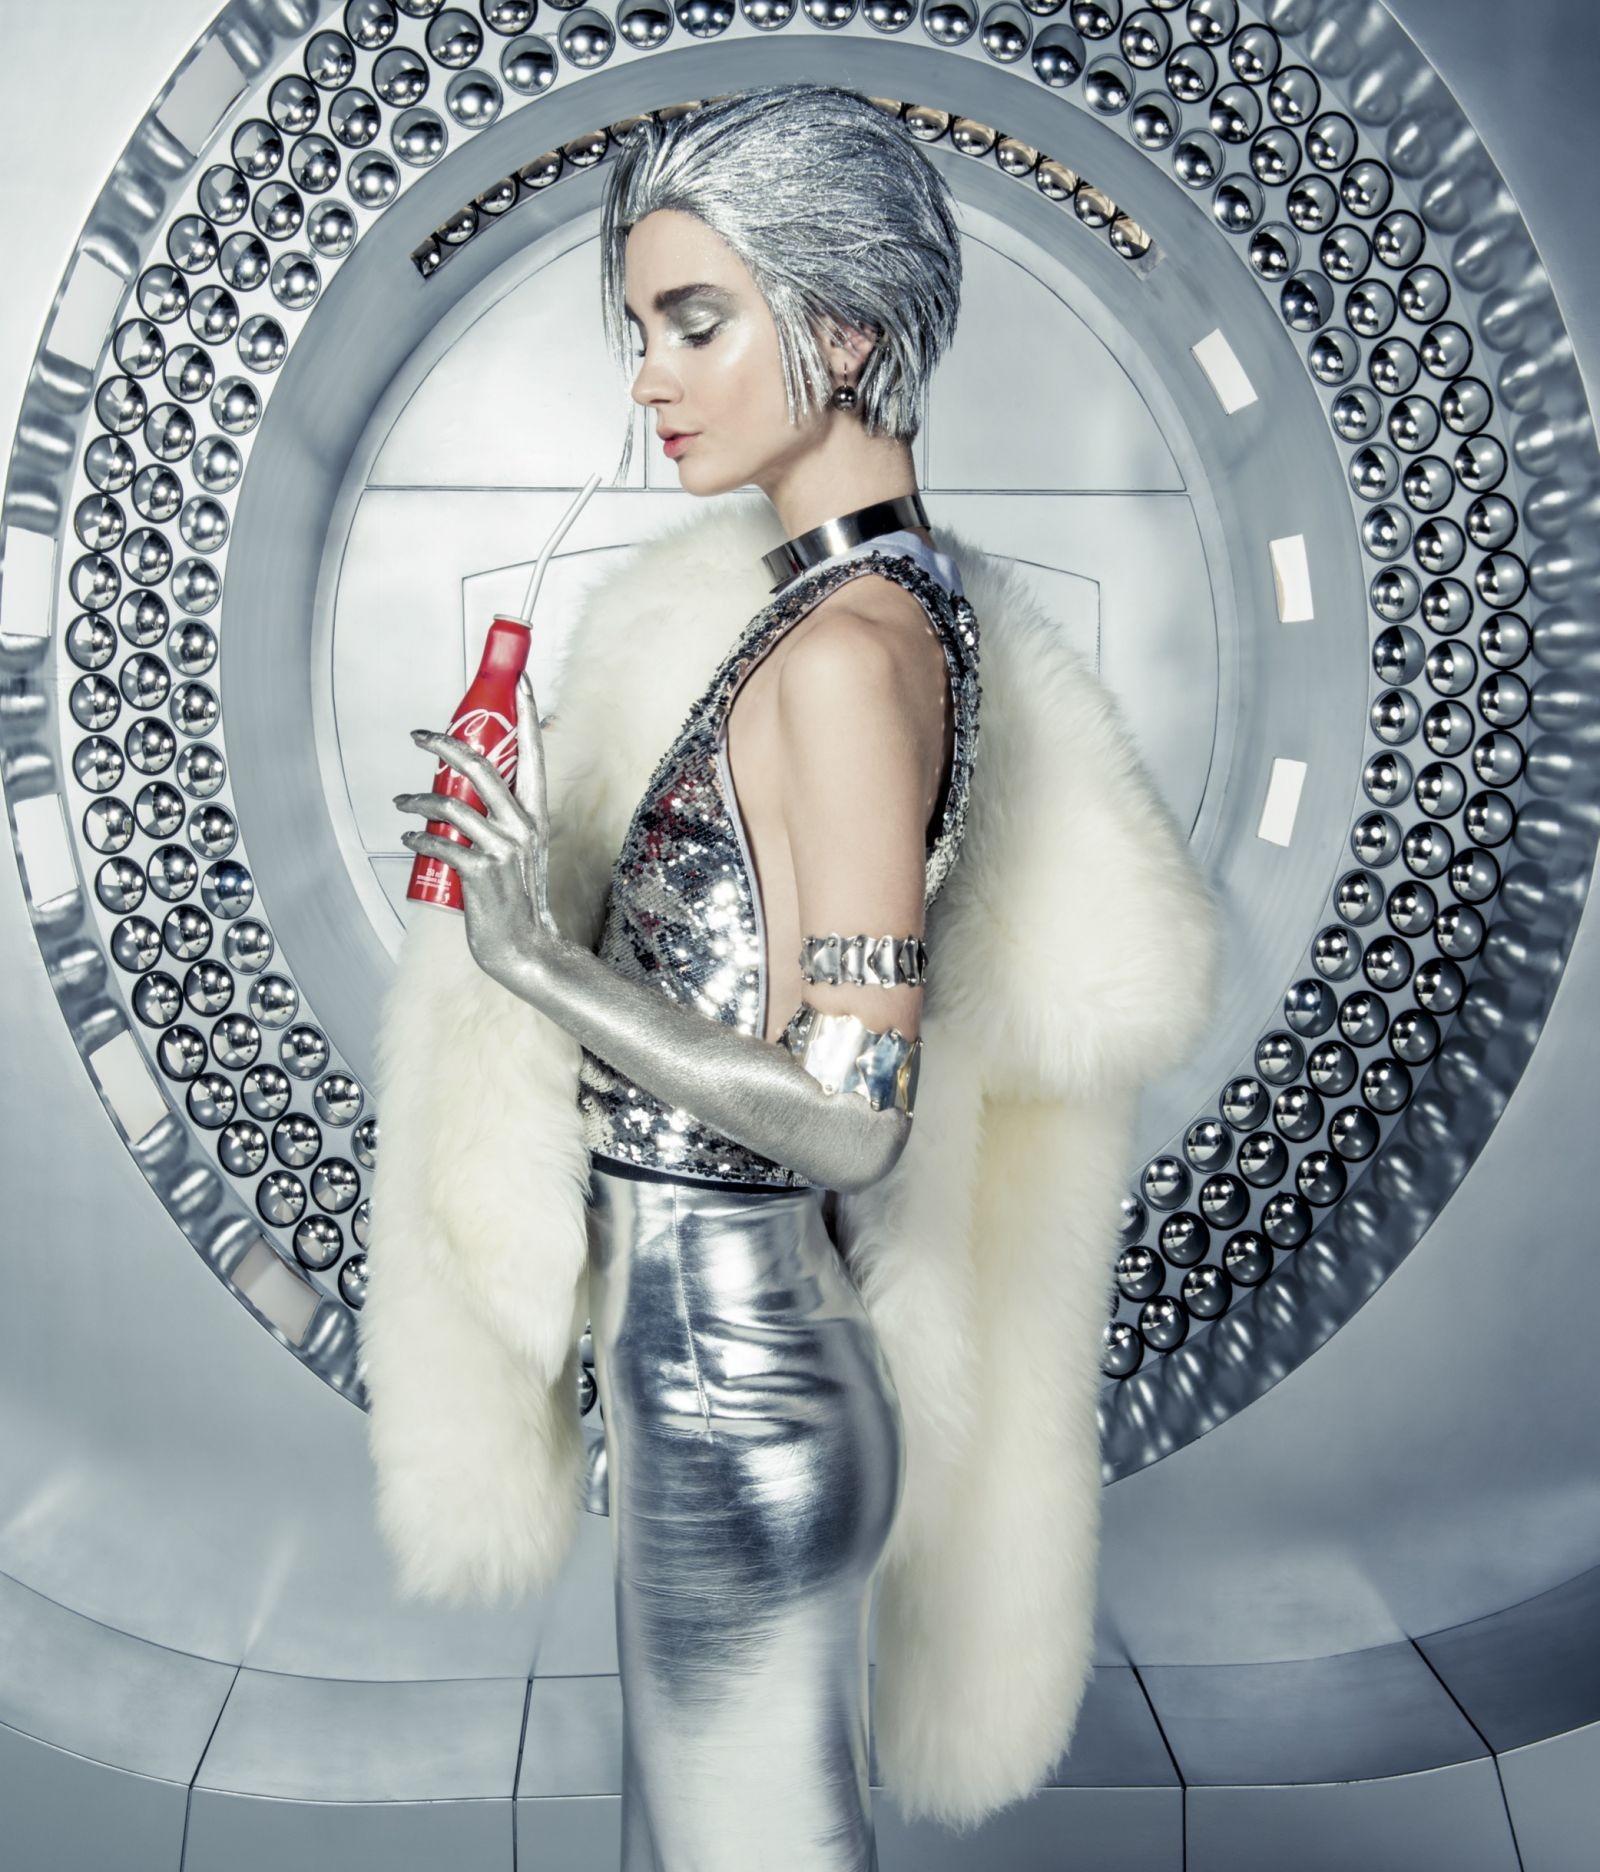 Promo Vogue - Cola-Cola (Foto: Jacques Dequeker)